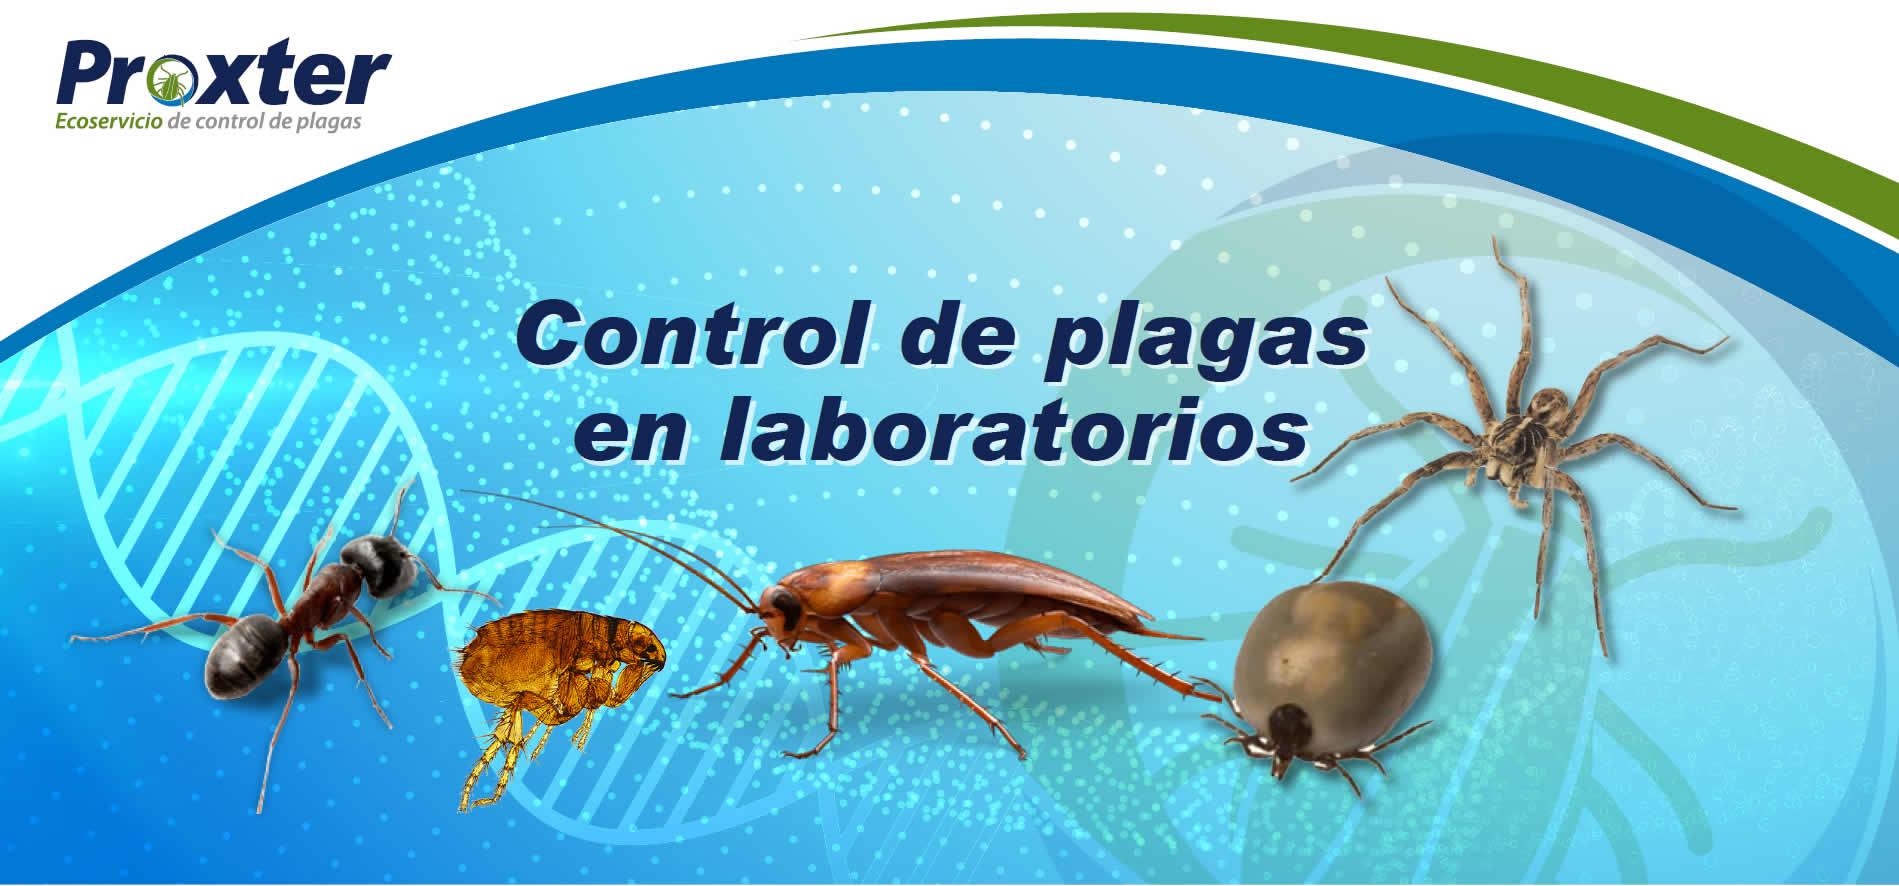 Control de plagas de tu laboratorio